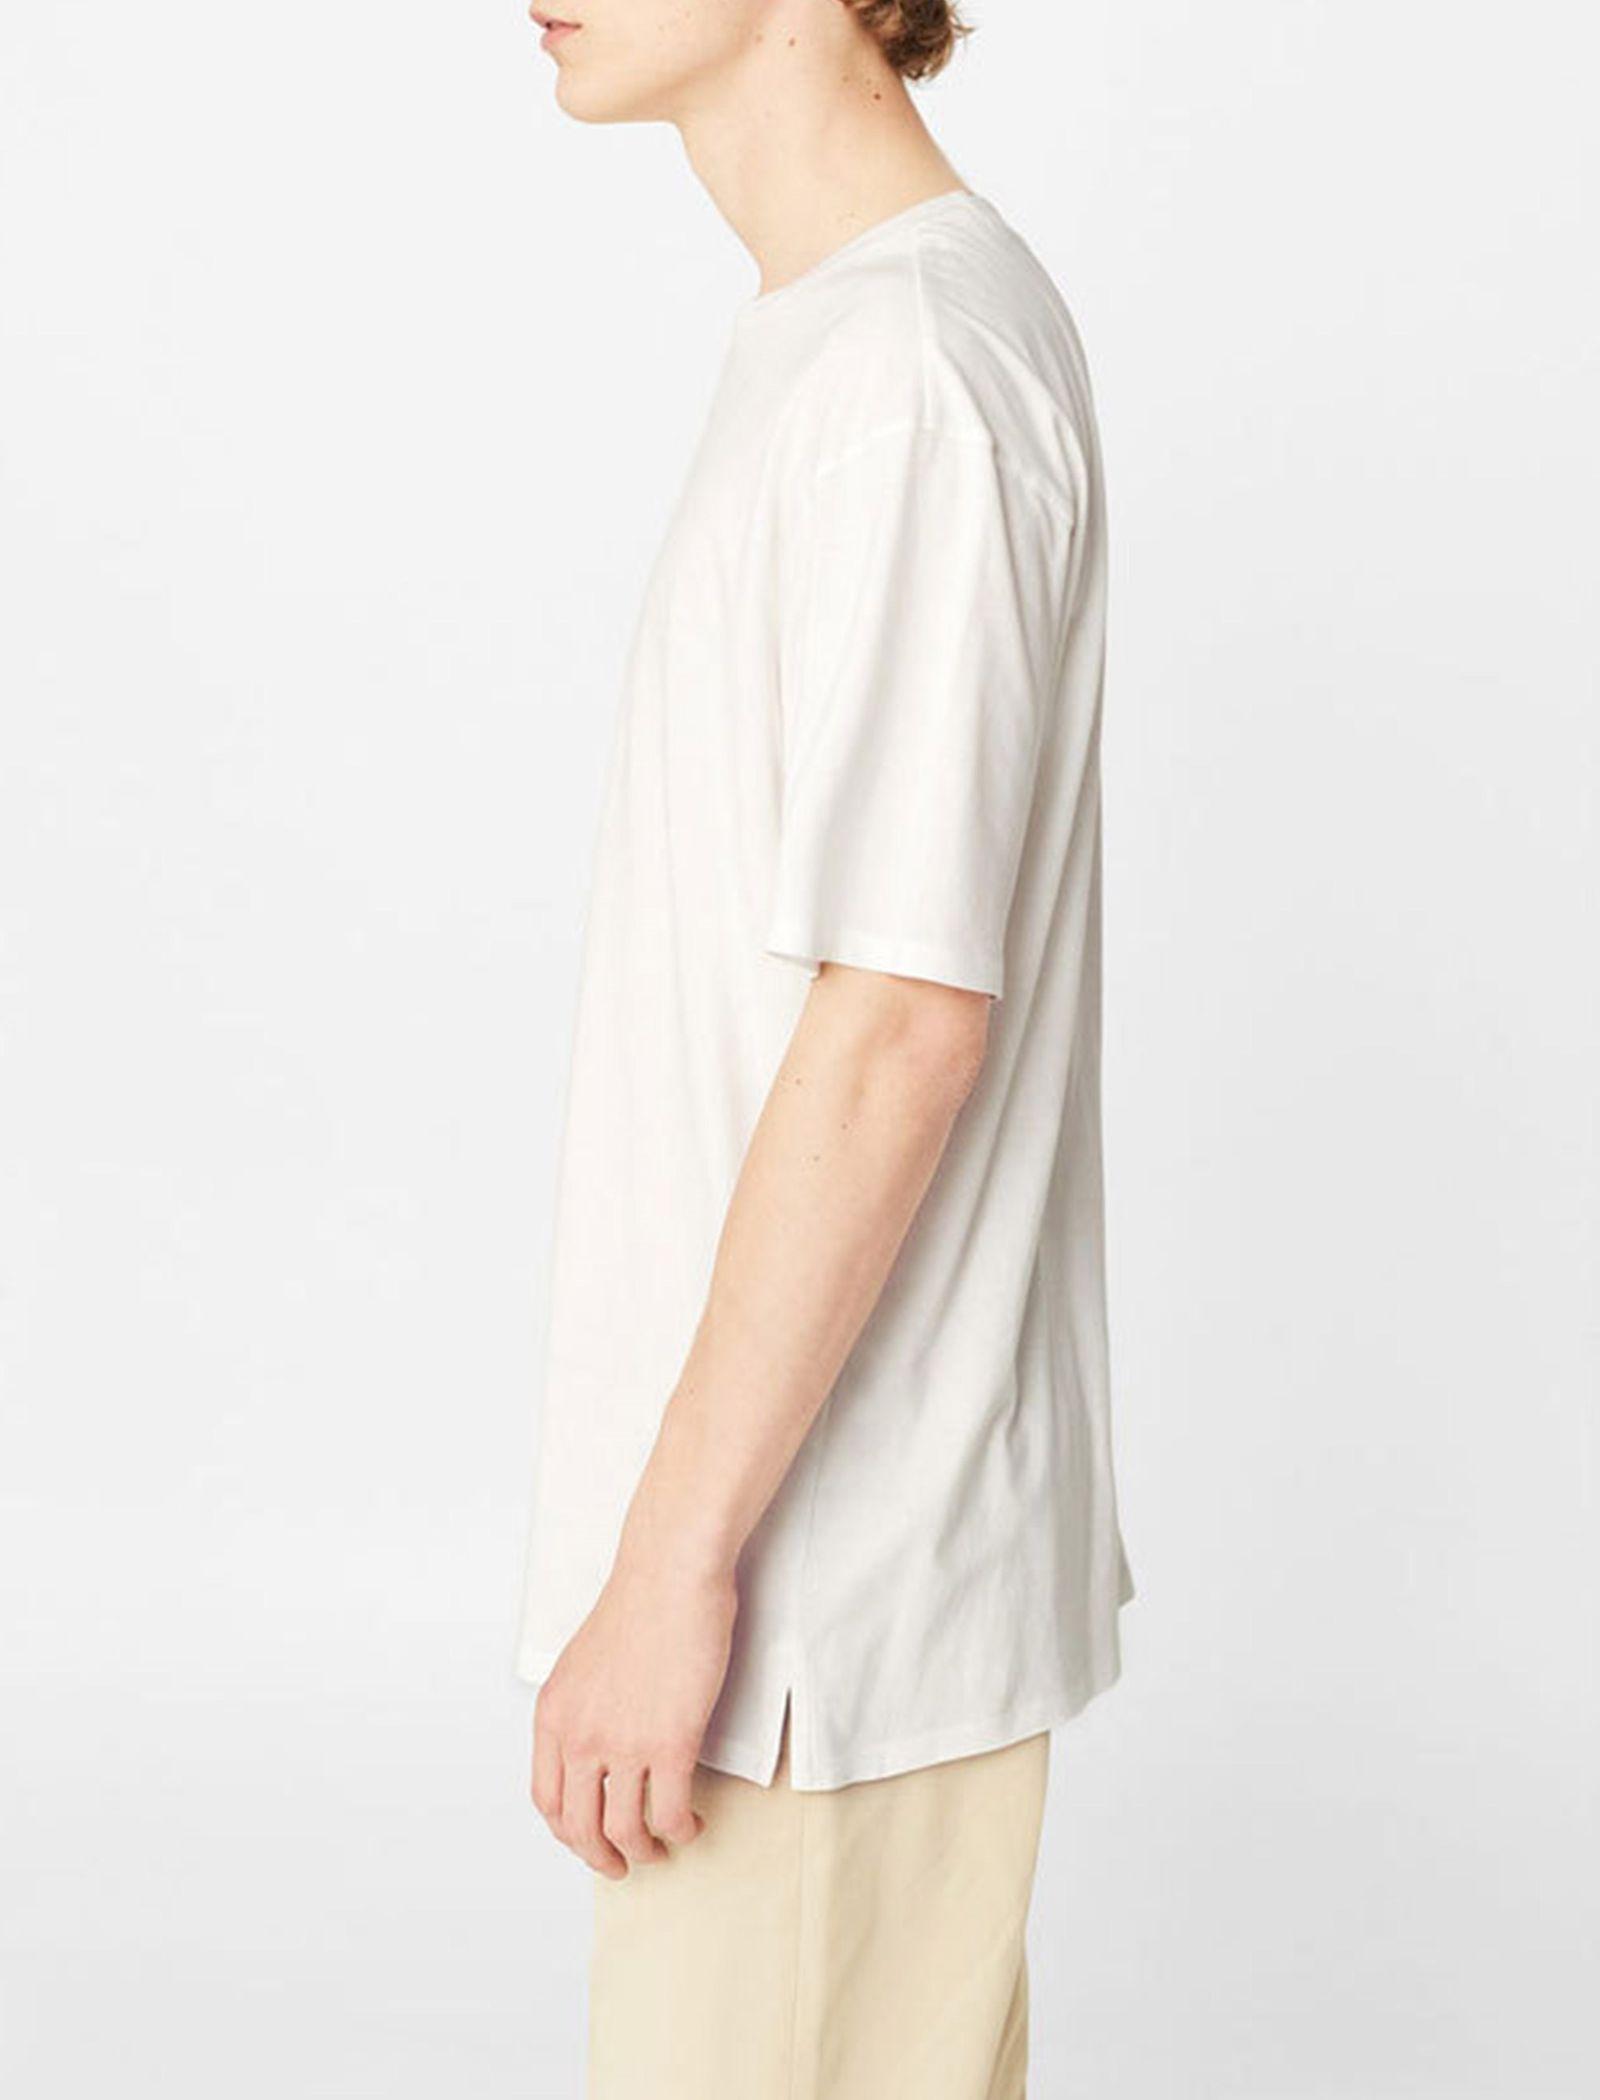 تی شرت نخی یقه گرد مردانه - مانگو - سفيد - 3